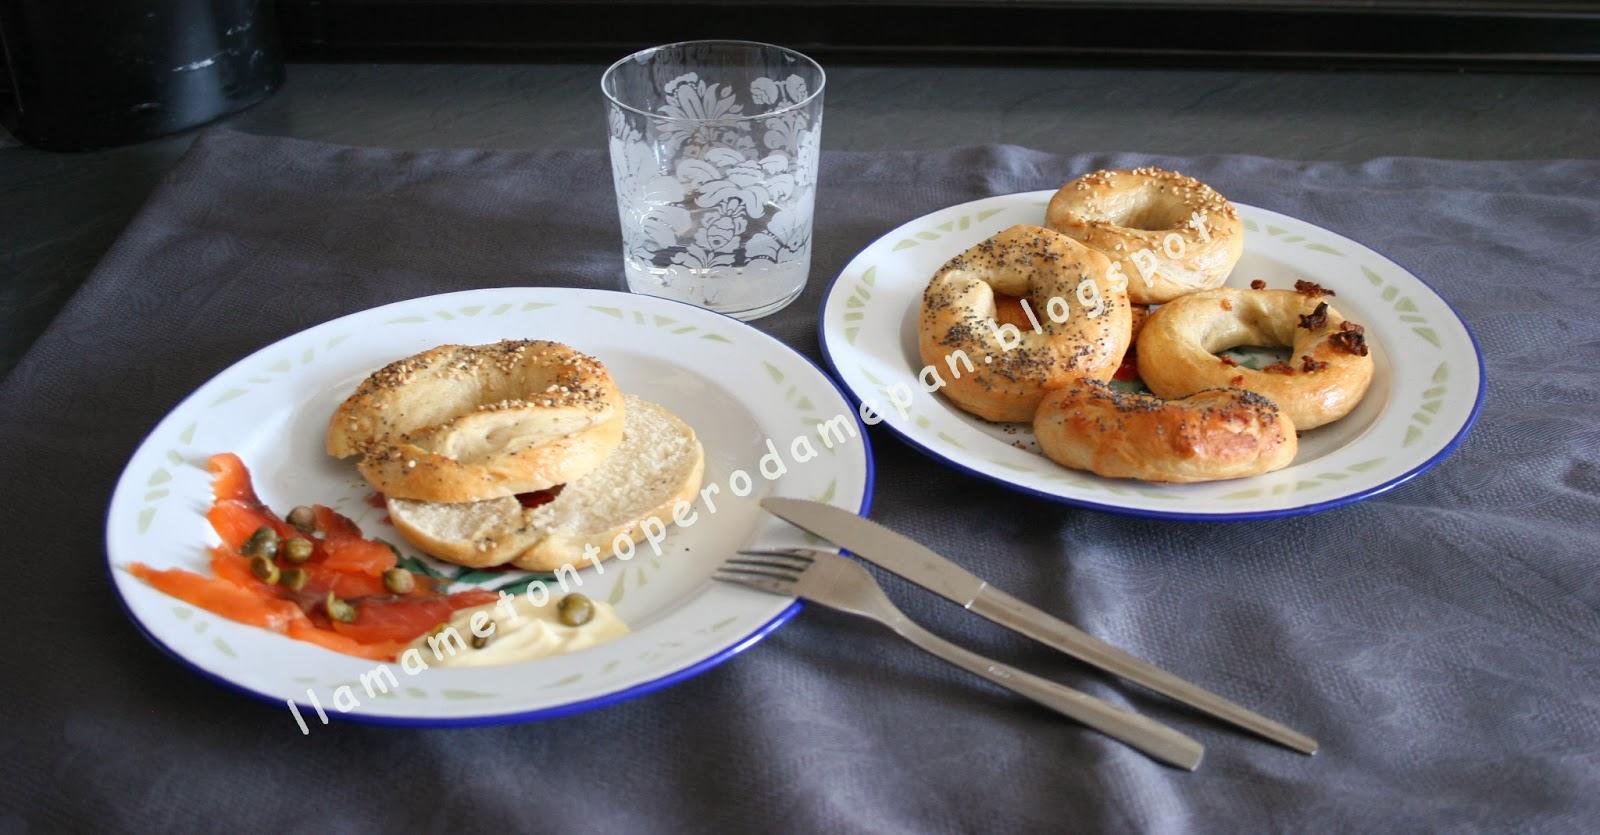 http://llamametontoperodamepan.blogspot.com/2013/04/bagels.html